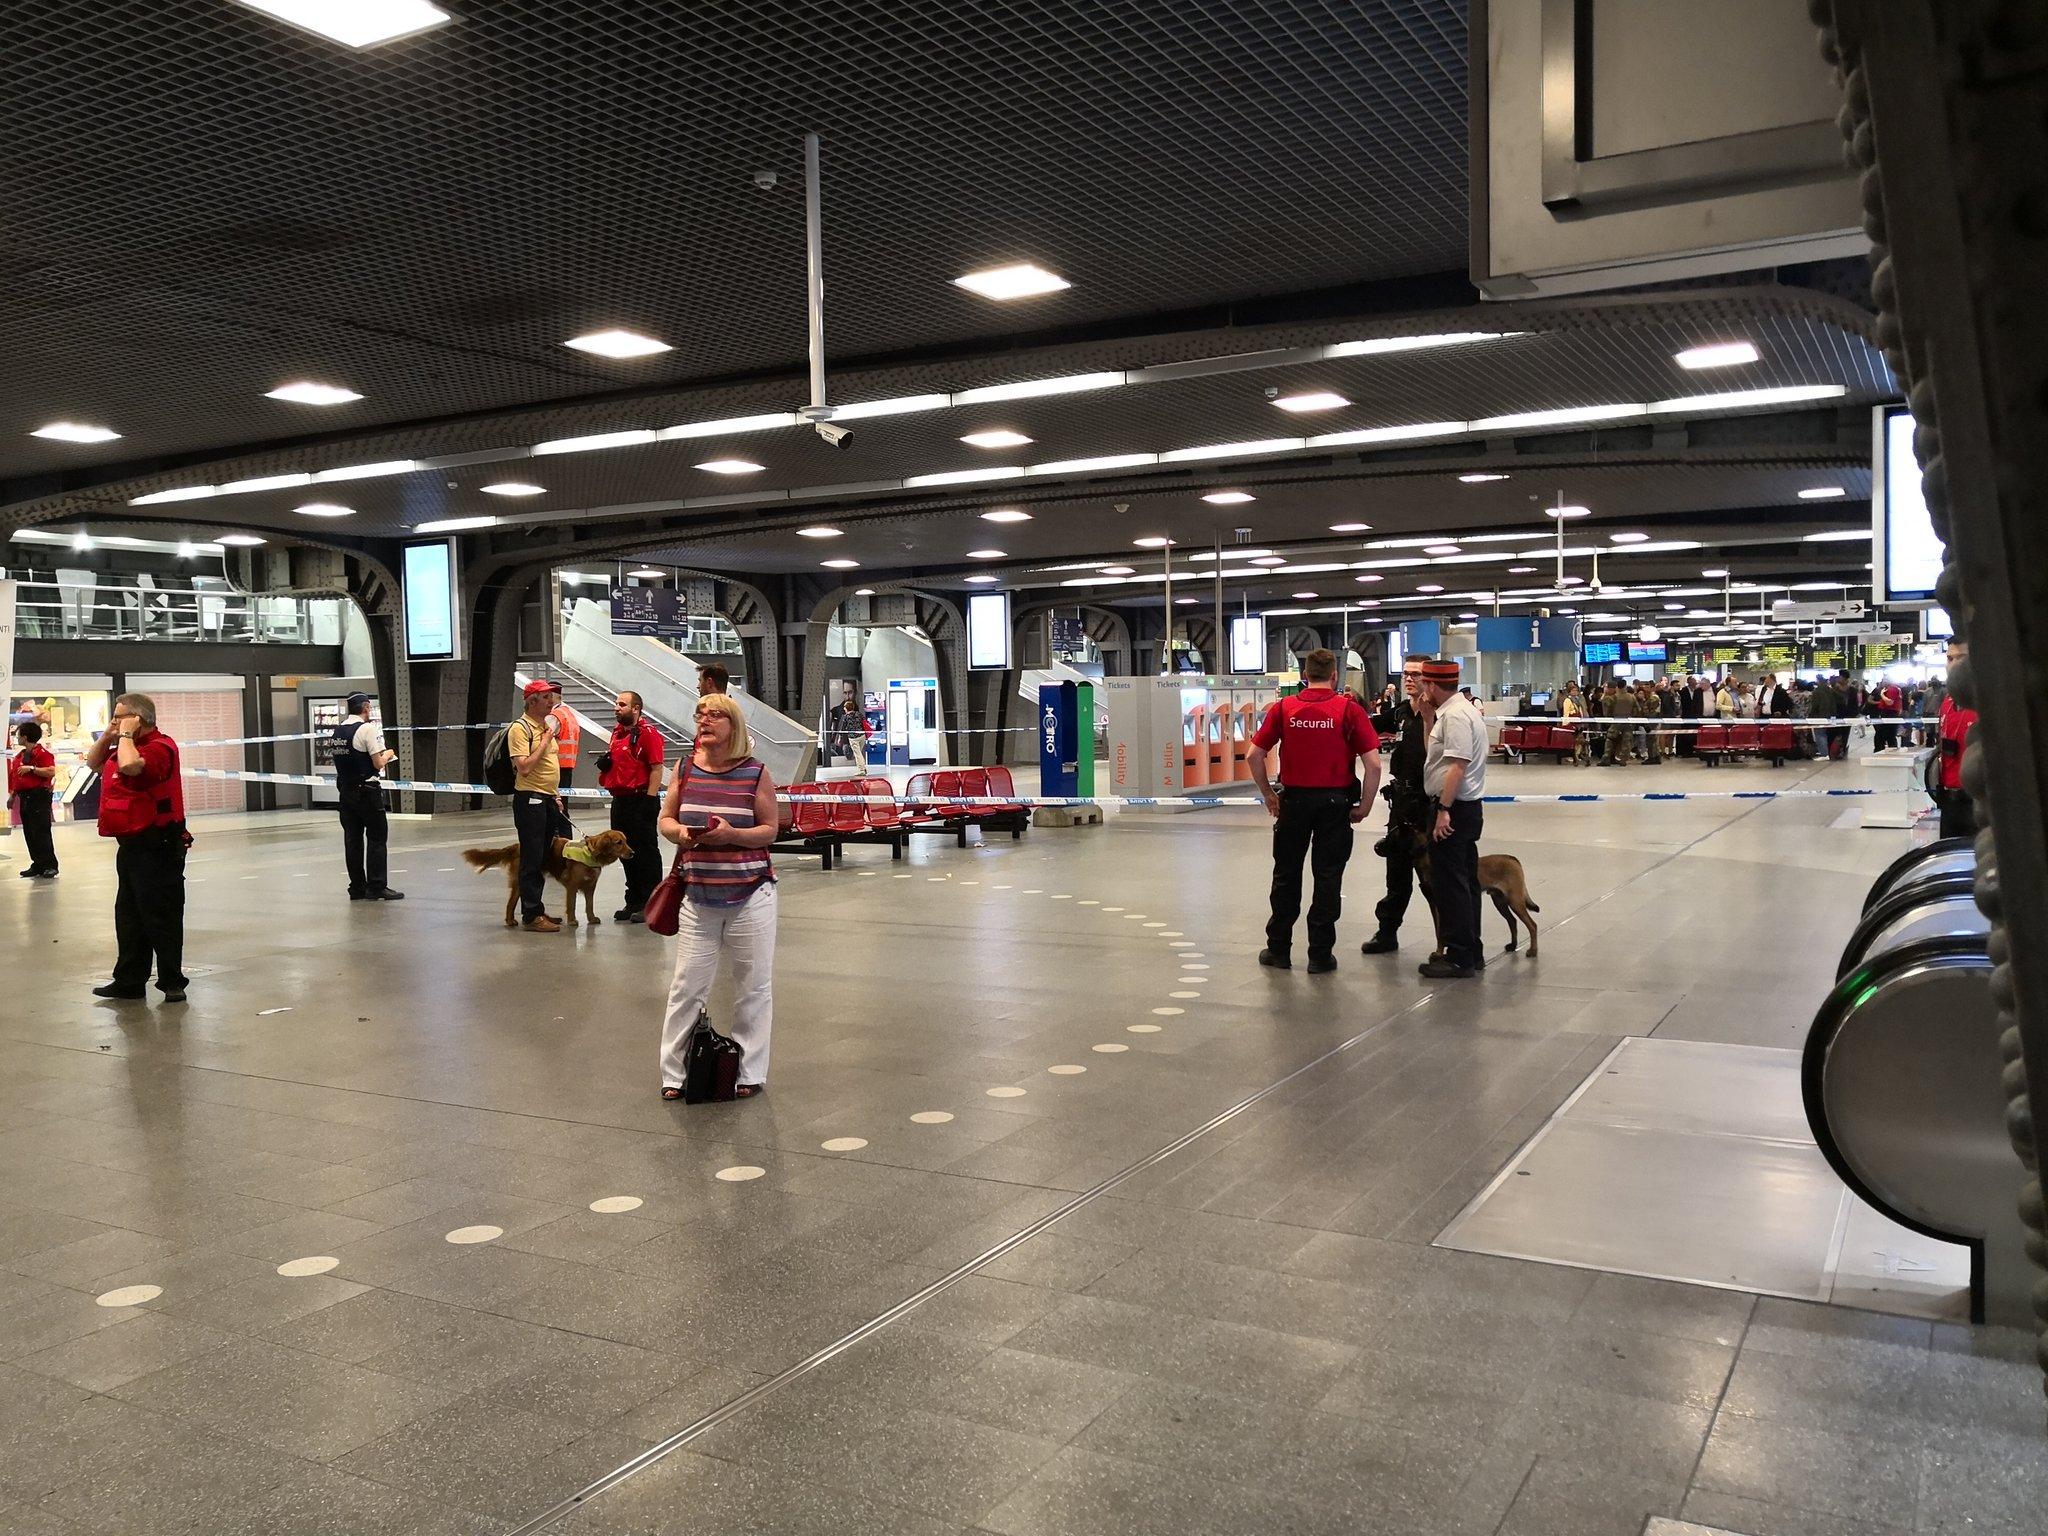 НаЮжном вокзале вБрюсселе произошел взрыв